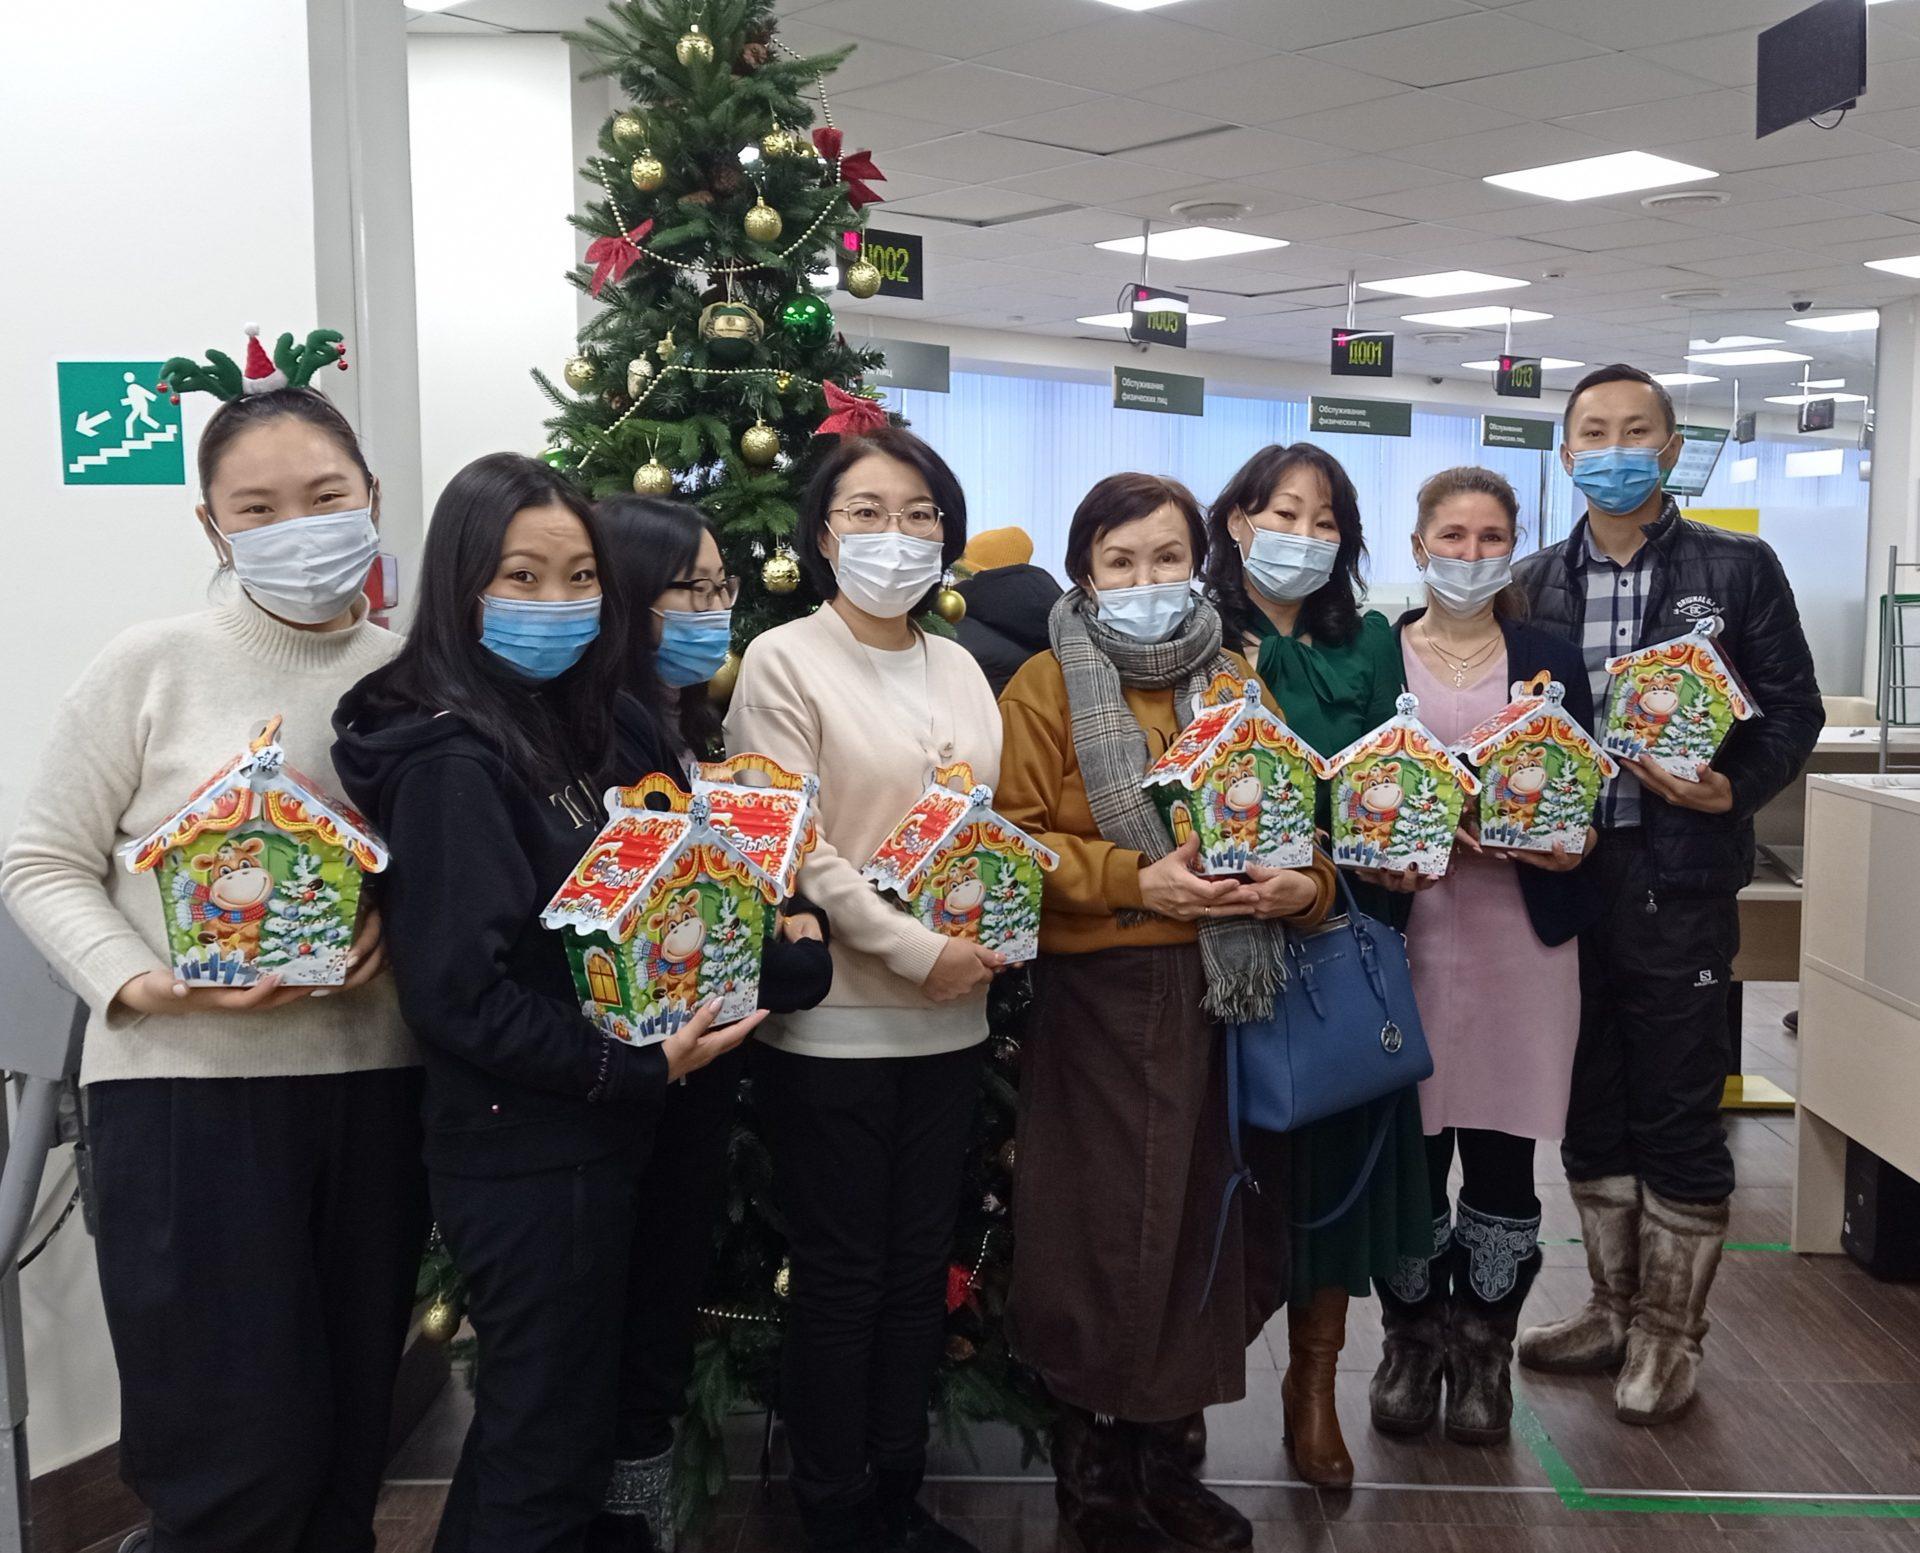 Россельхозбанк поздравит с Новым годом детей, попавших в трудную жизненную ситуацию